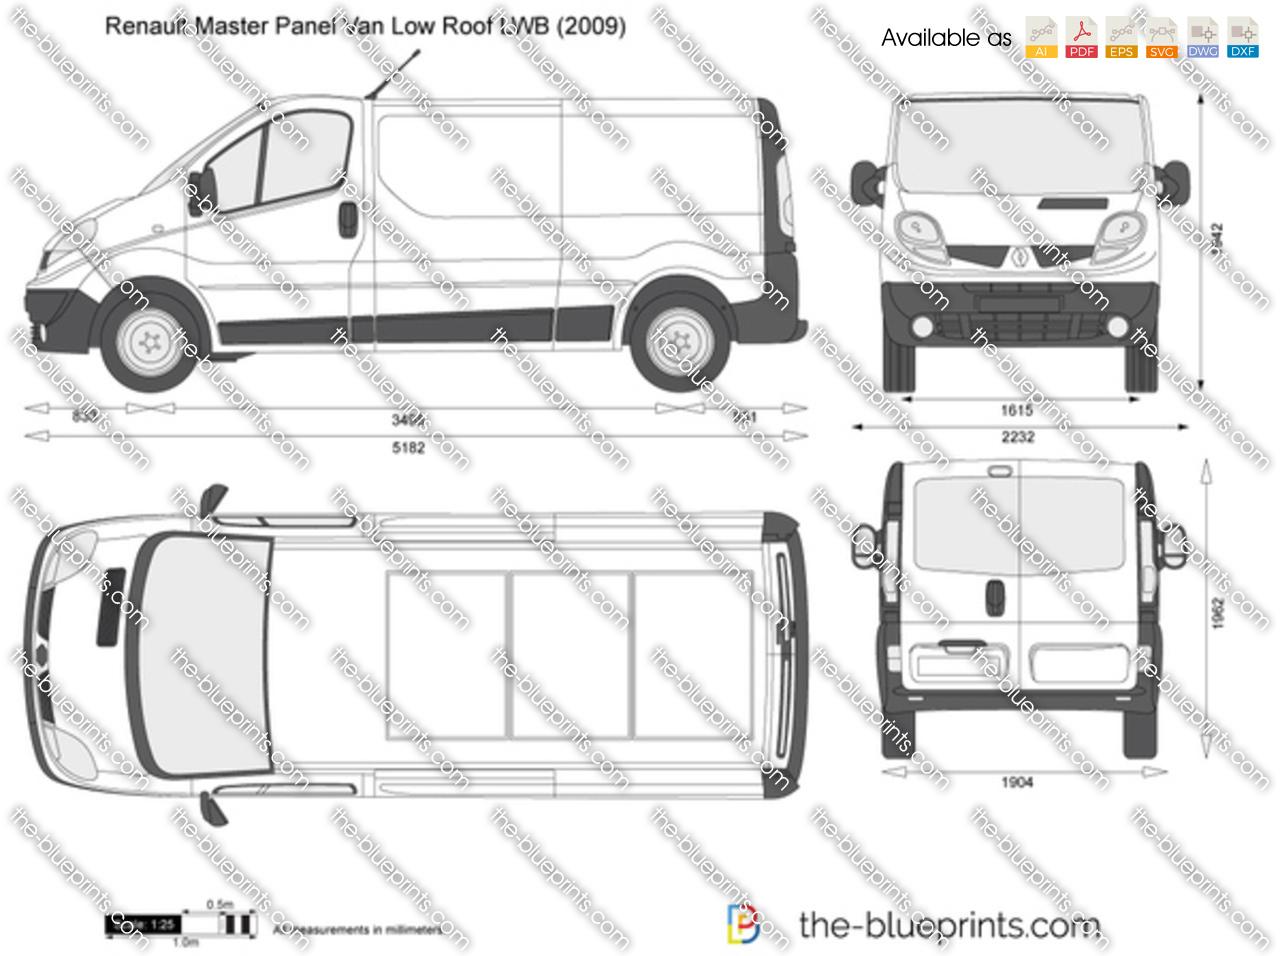 Renault Trafic Panel Van Low Roof LWB 2001